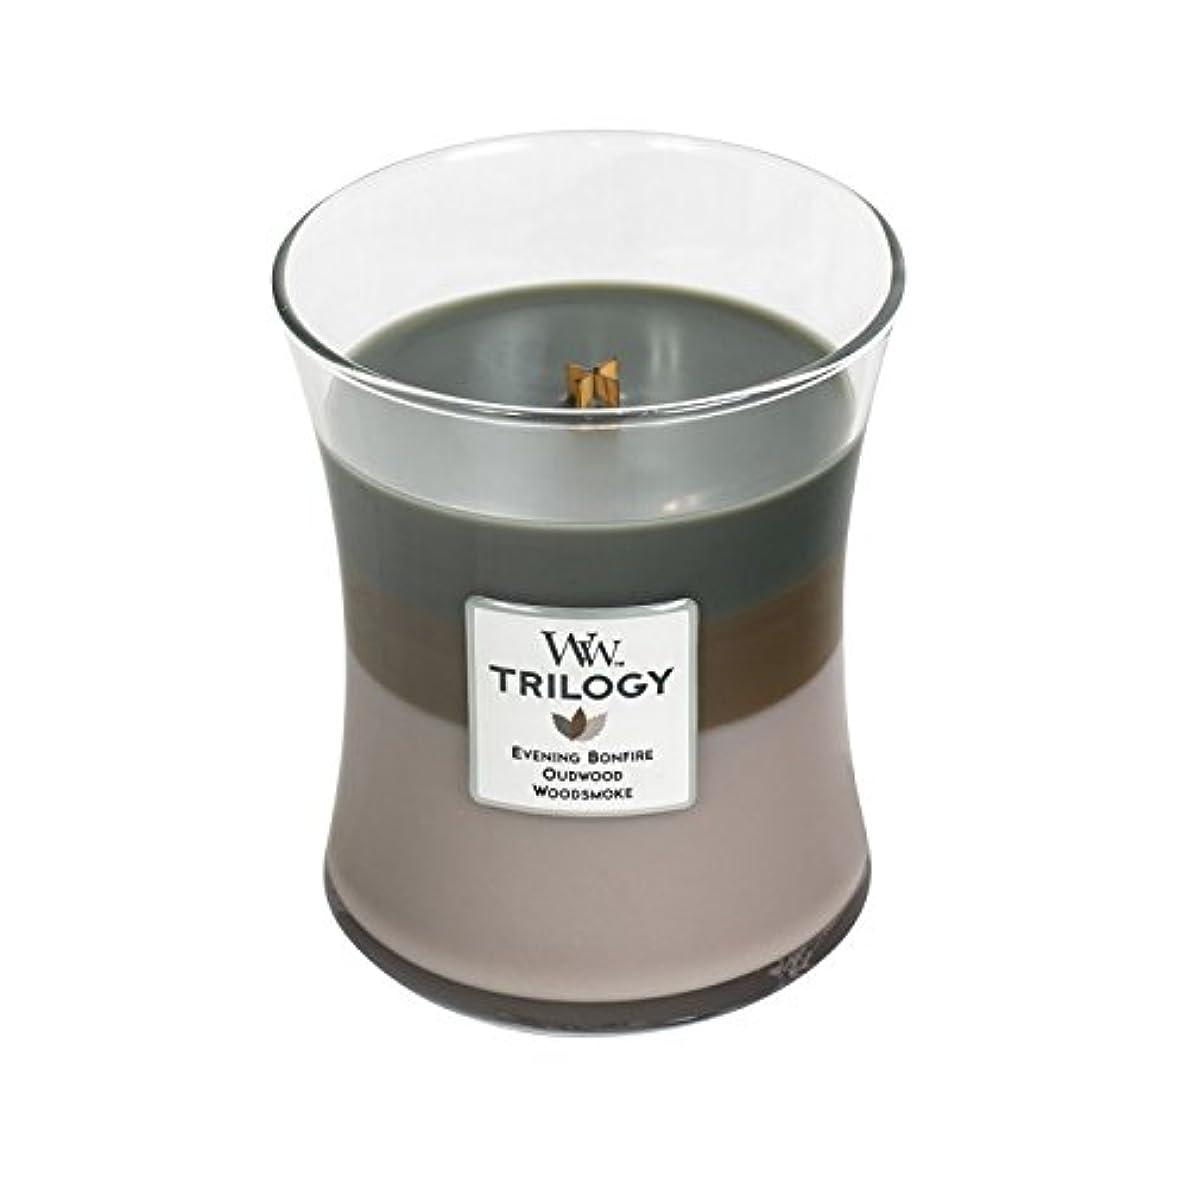 垂直信じるスーツケースWoodwick Trilogy Cozy Cabin、3 - in - 1 Highly Scented Candle、クラシック砂時計Jar、Medium 4インチ、9.7 Oz